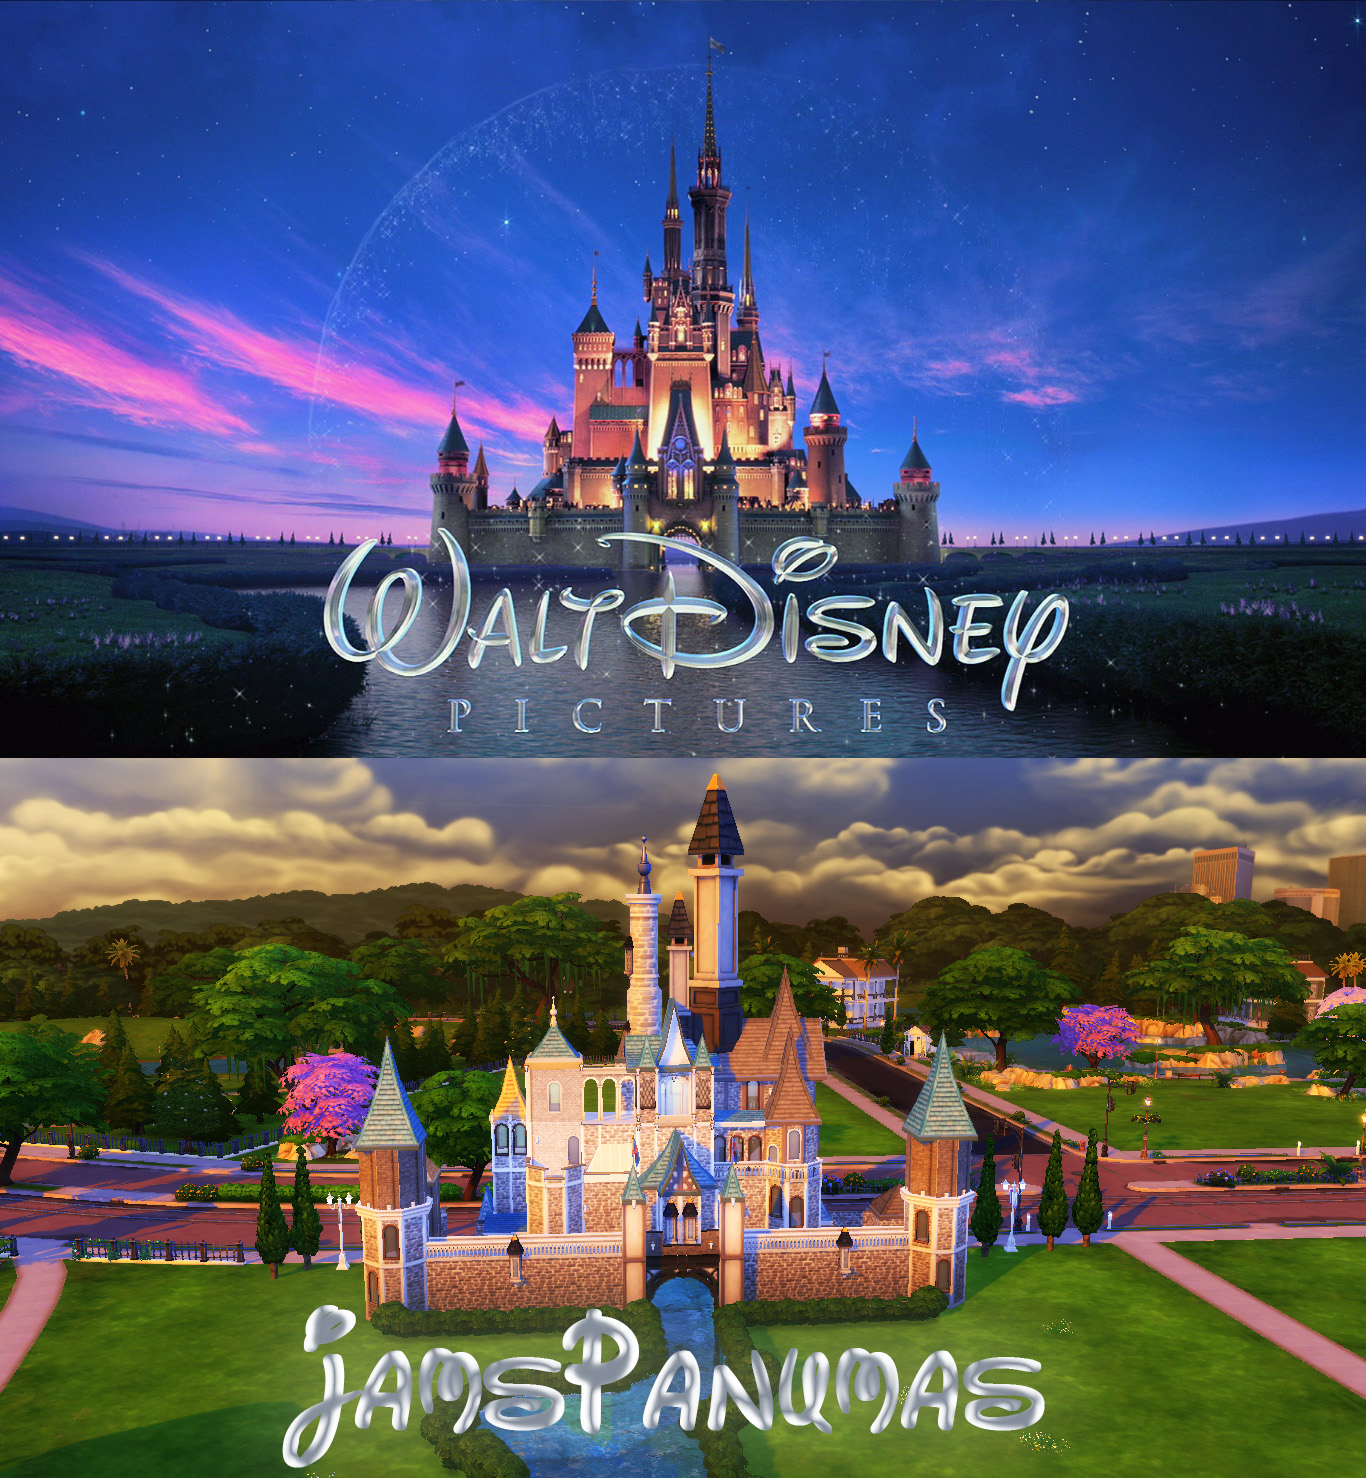 ปราสาทดิสนีย์ The Sims 4 Disney Castle The Sims 4